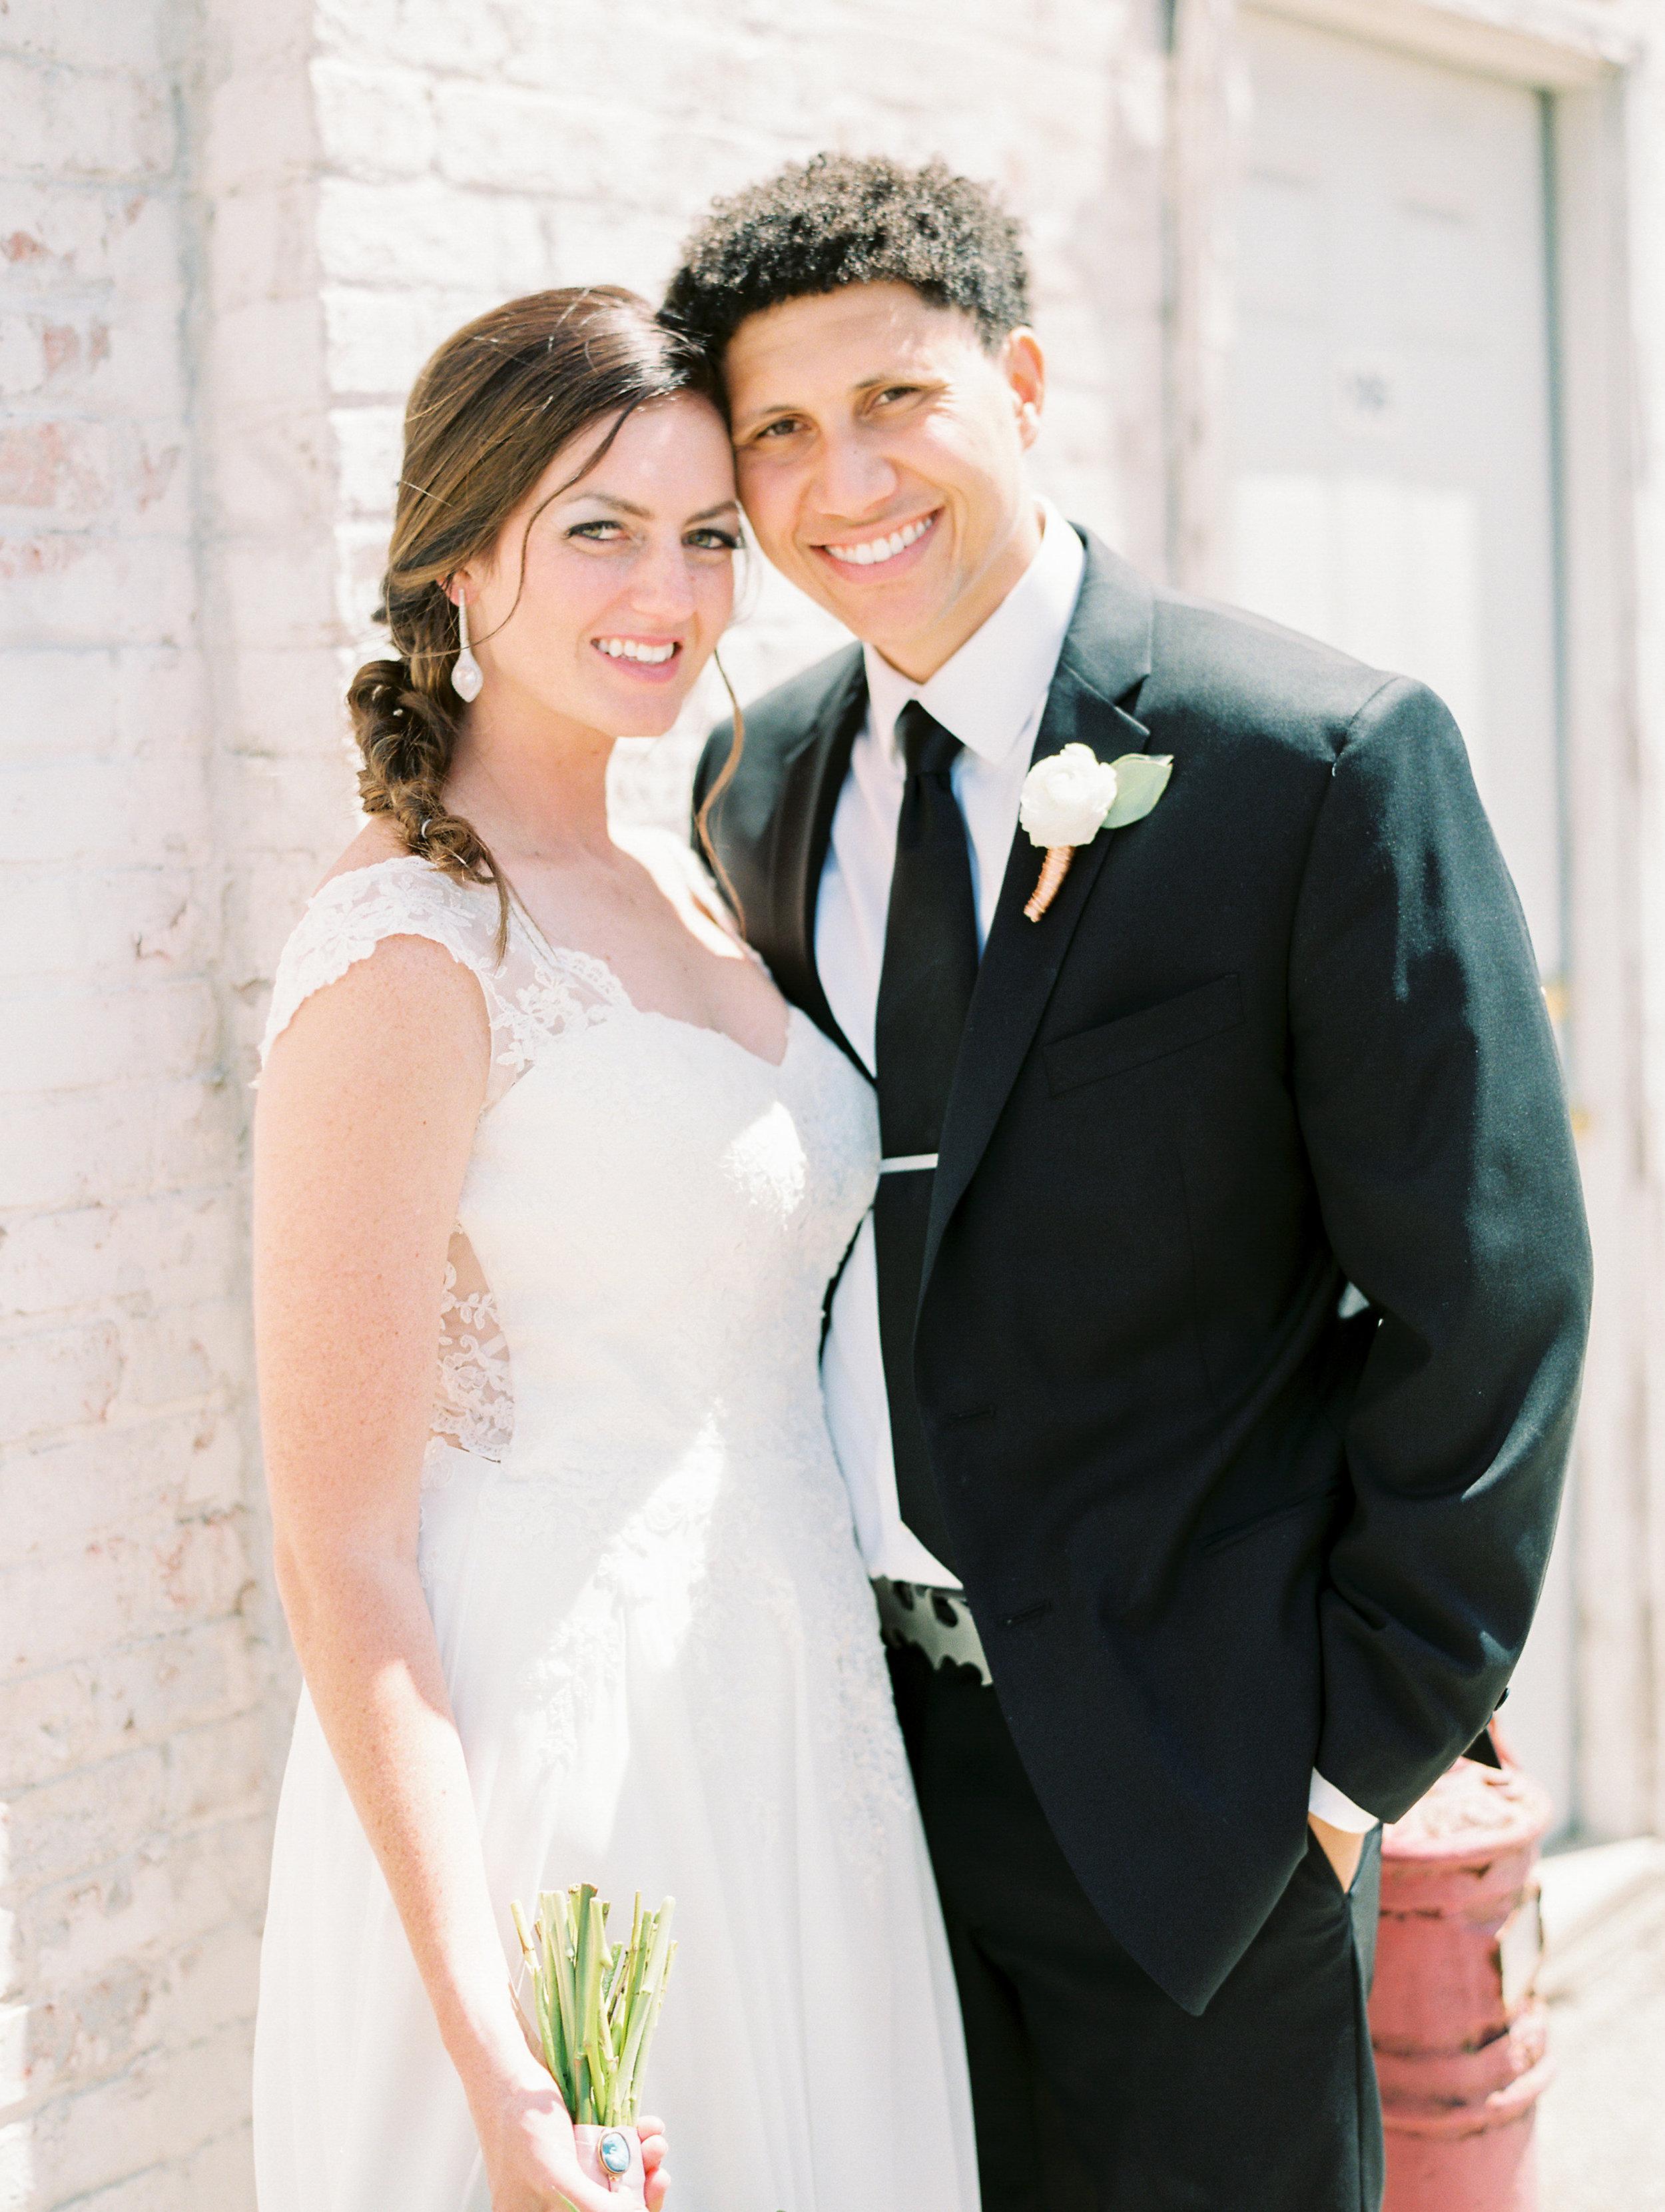 Julius+Wedding+BridalPartyf-31.jpg